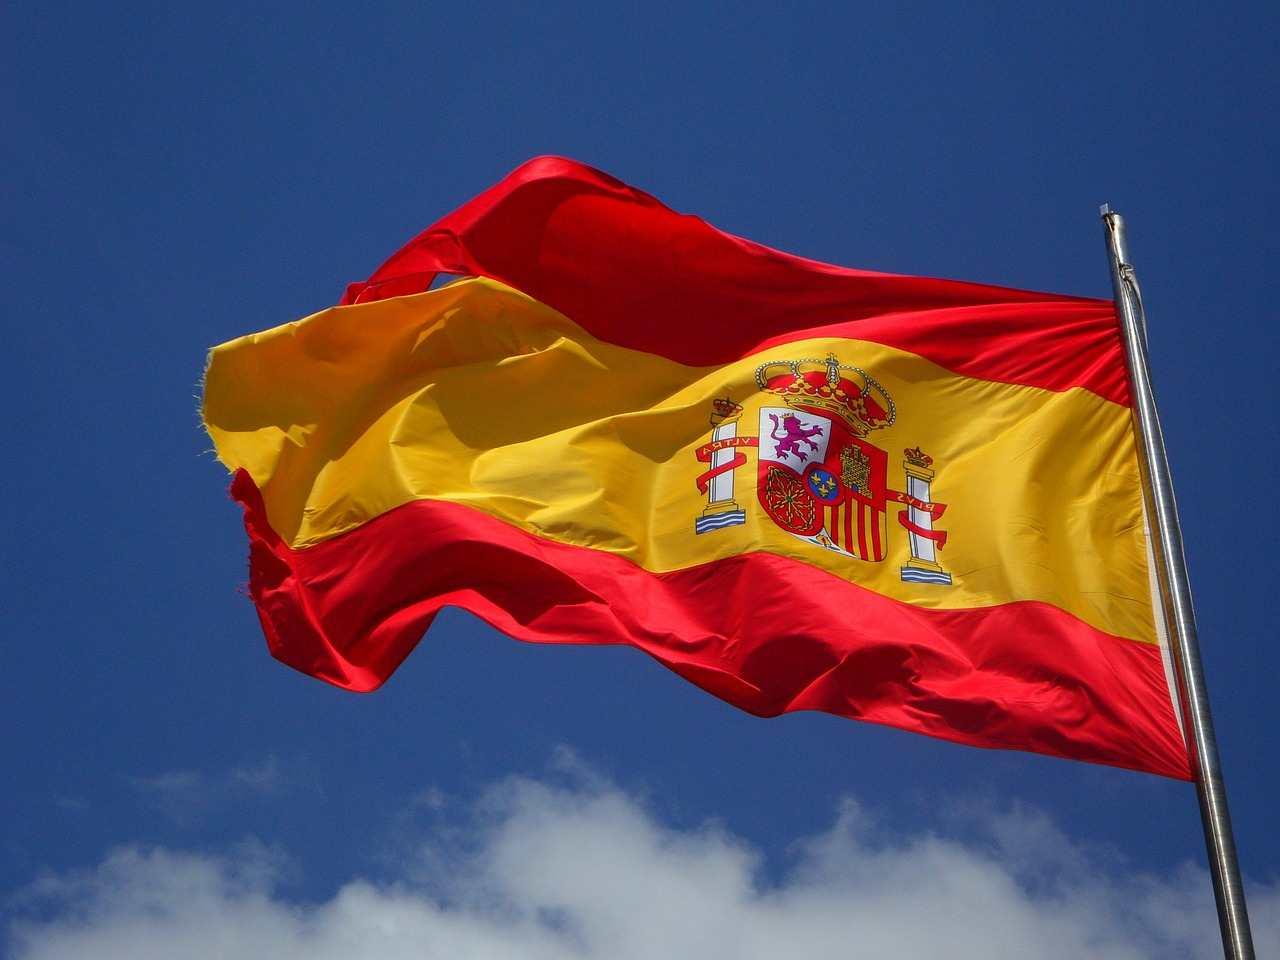 Spansk og språkproblemer - theislandsinthesun.com